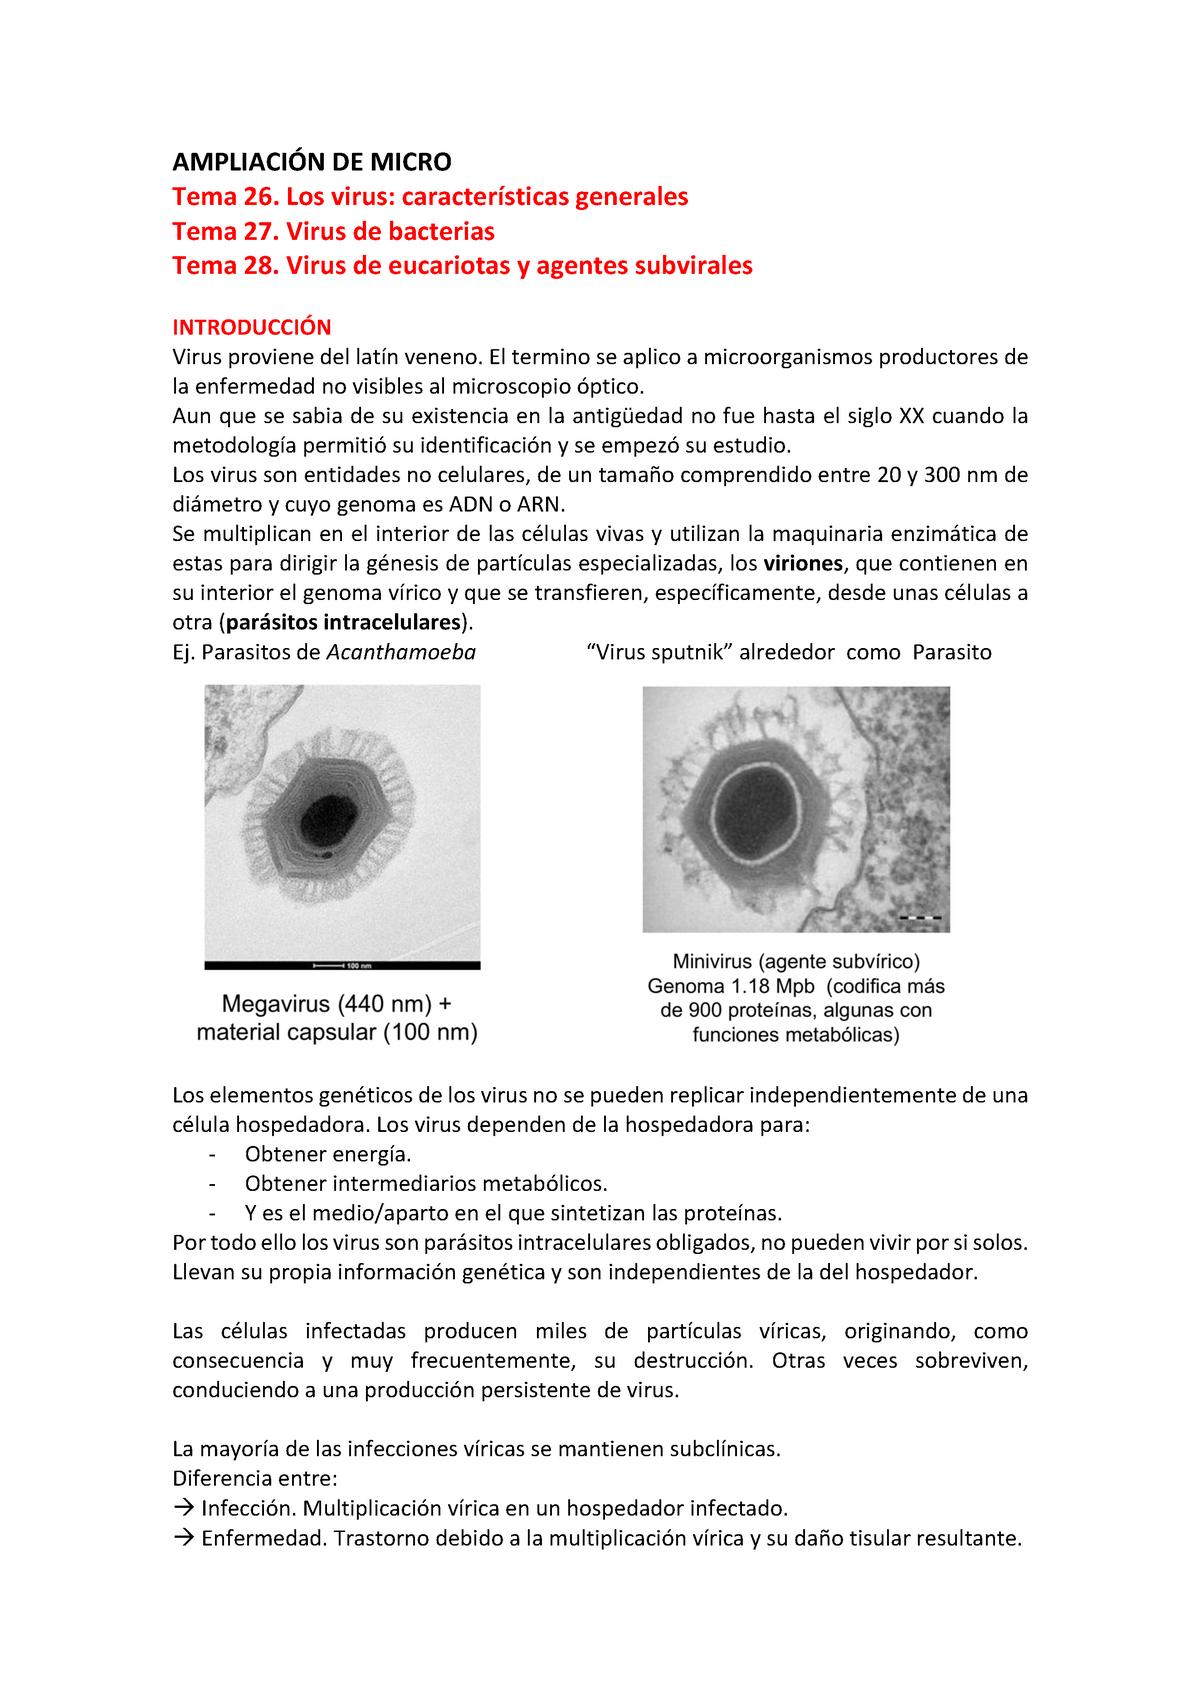 bacteria que es un parásito intracelular obligado